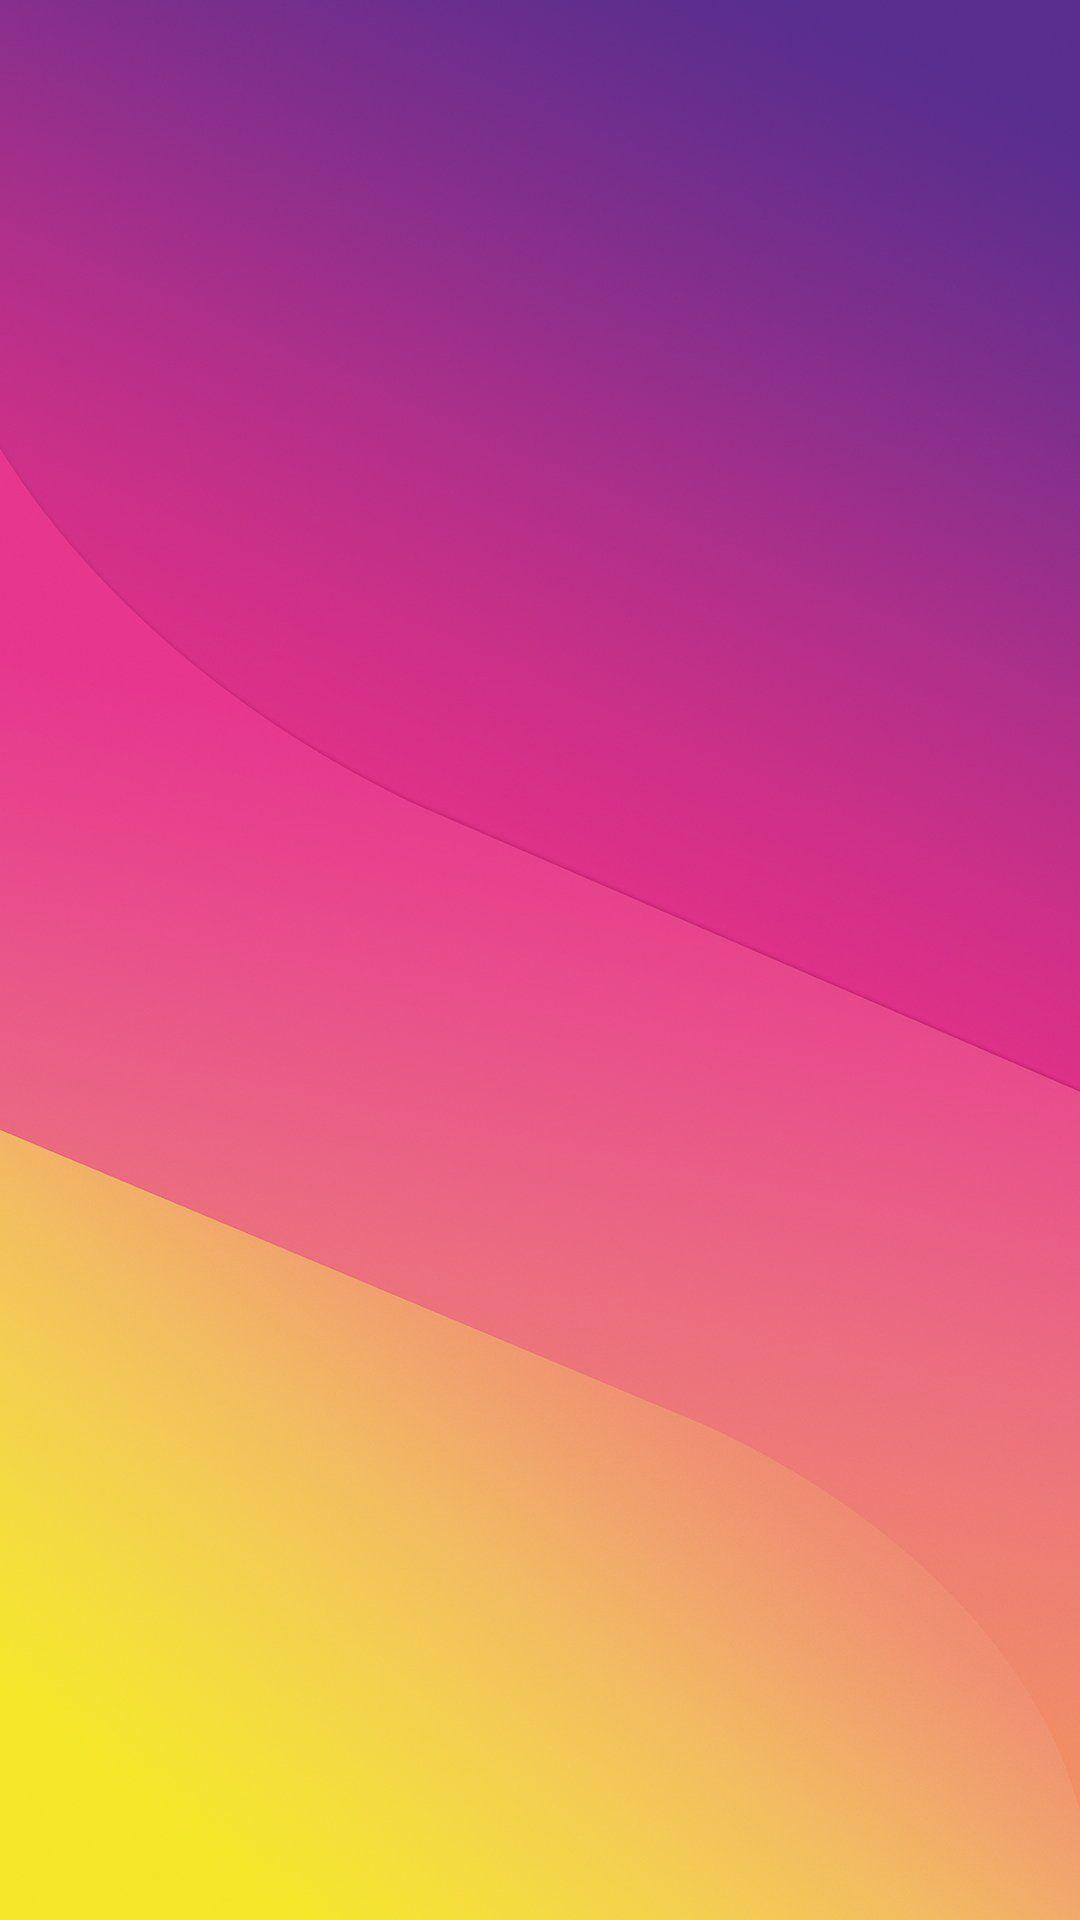 暖色系グラデーション Iphone7 スマホ壁紙 待受画像ギャラリー 壁紙 Android Iphone 用壁紙 おしゃれな壁紙背景